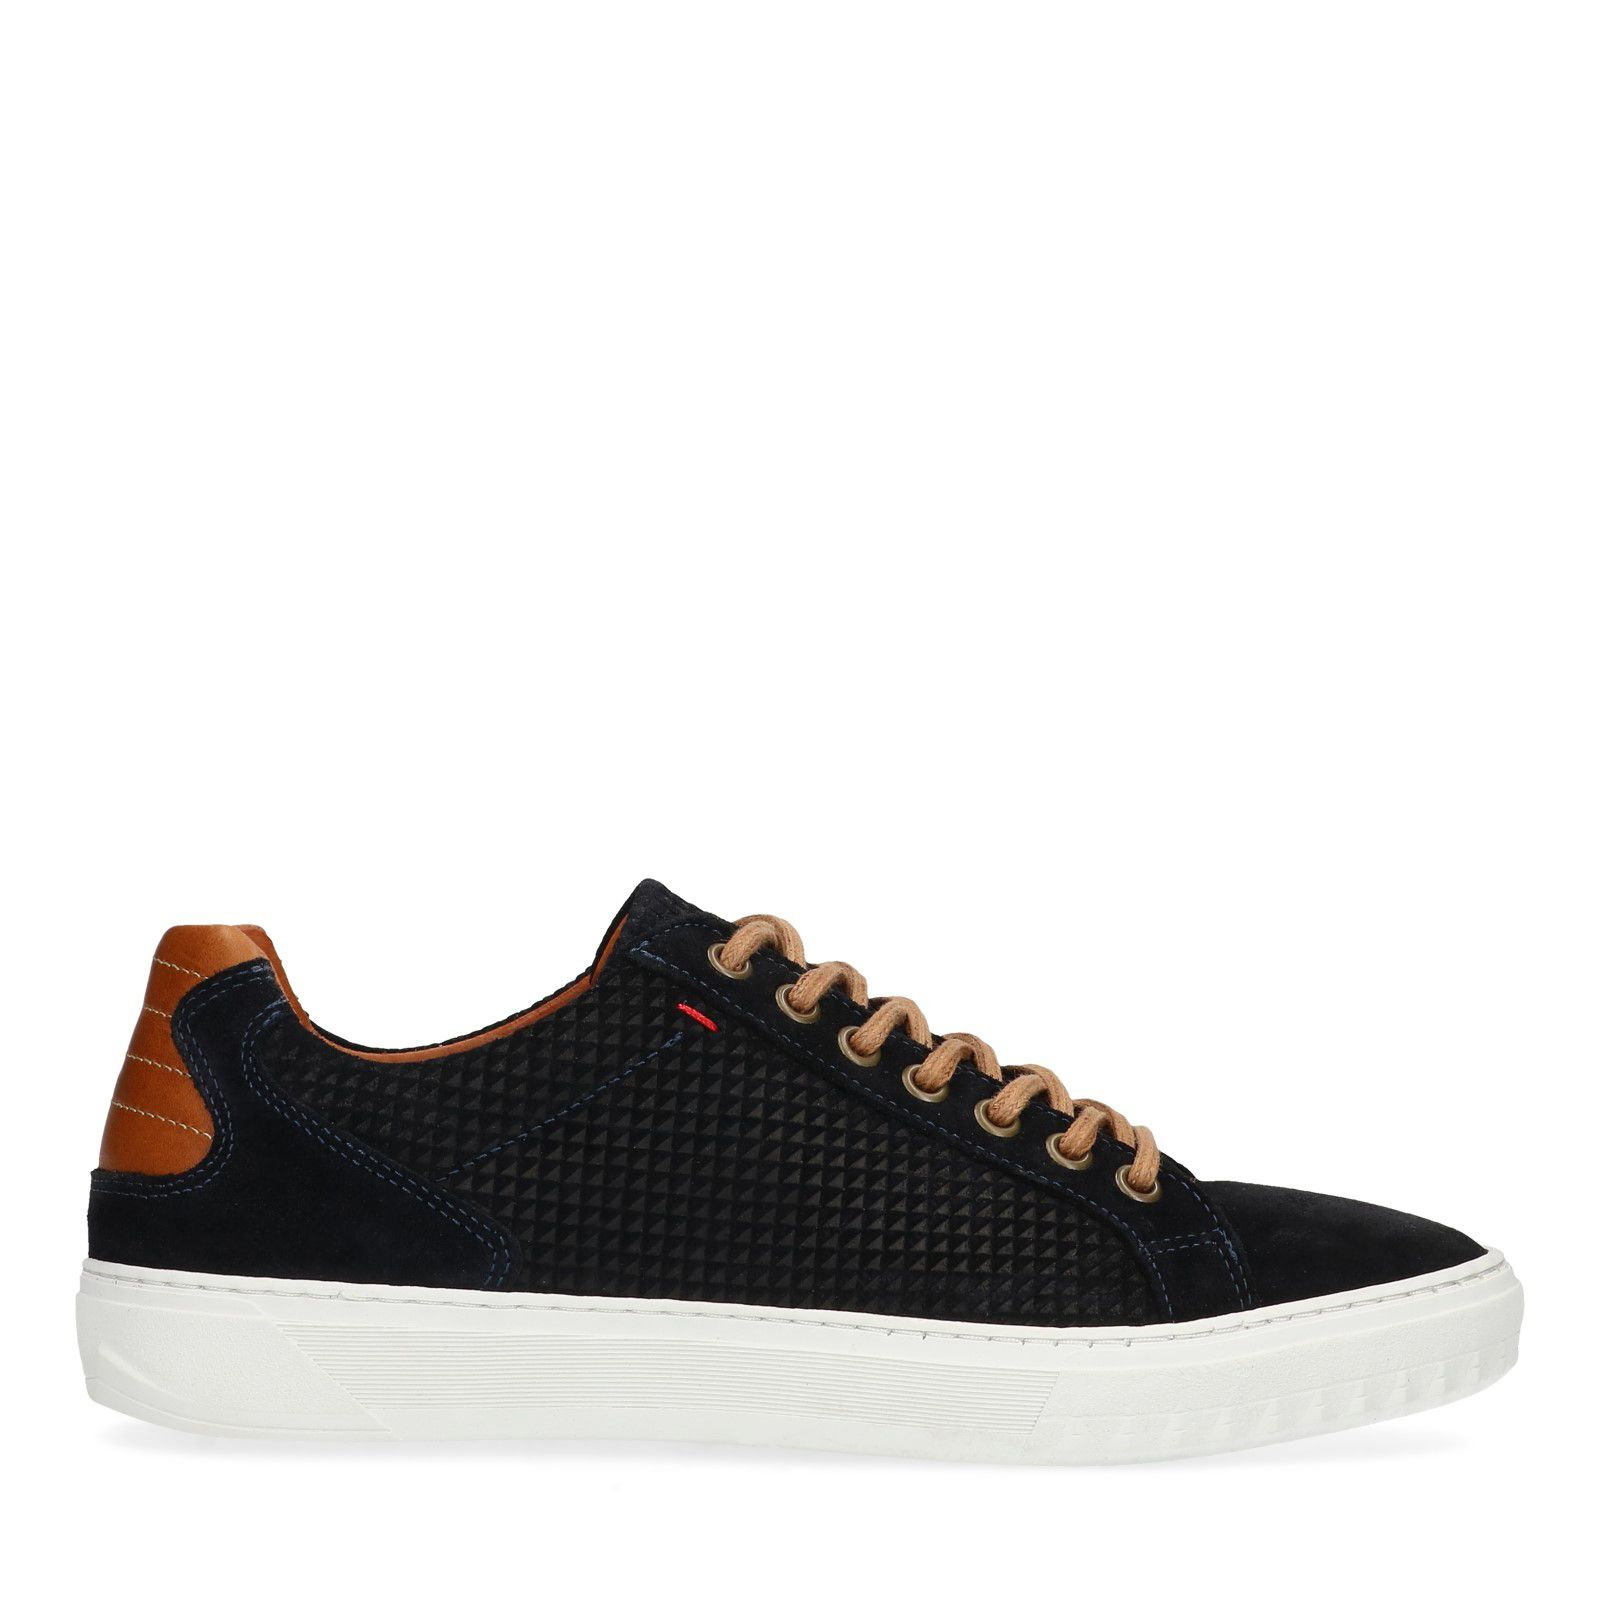 Manfield Schuhe für Damen Online Kaufen | FASHIOLA.at